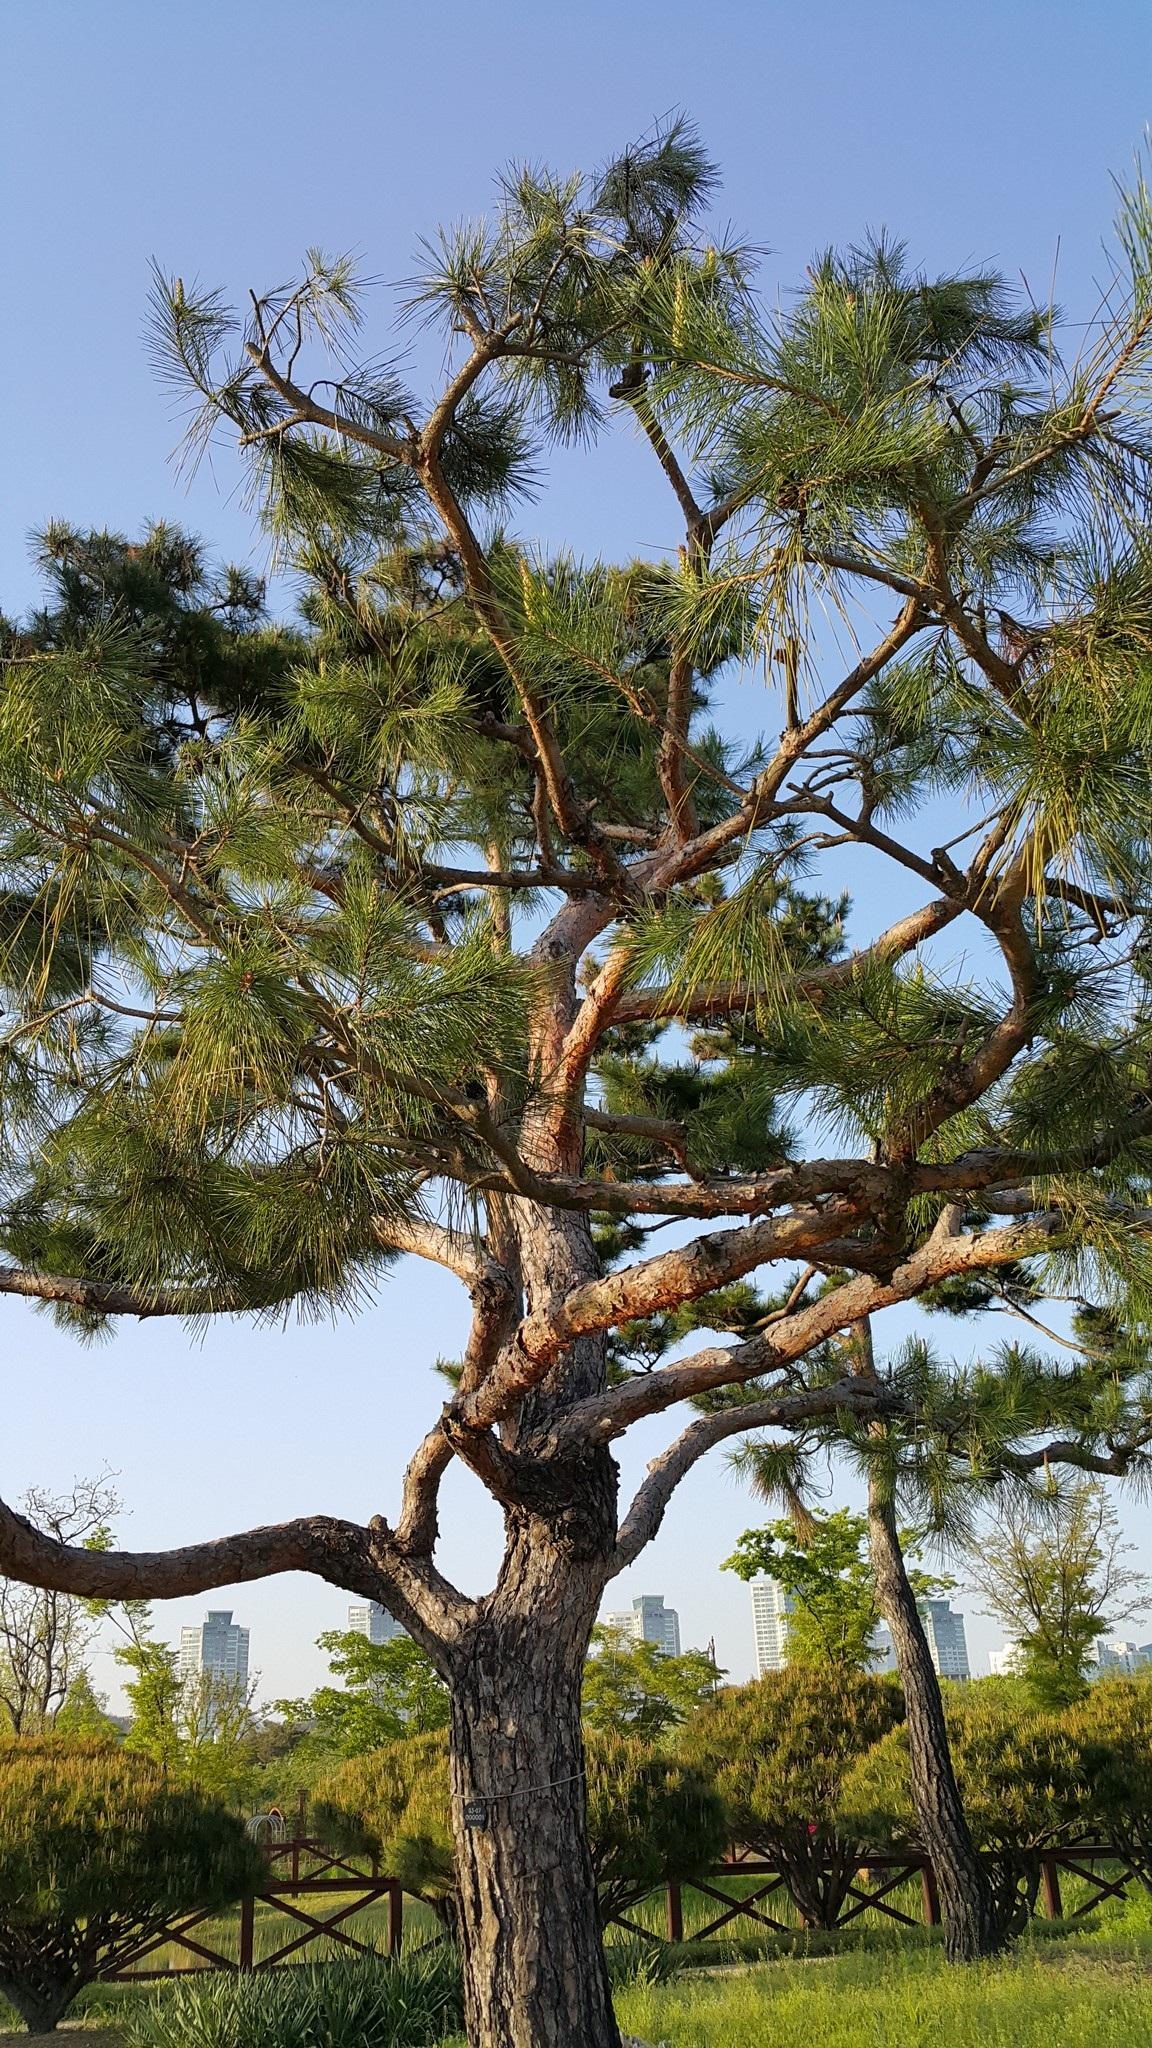 รูปภาพ : ต้นไม้, ธรรมชาติ, สาขา, นามธรรม, ปลูก, เนื้อไม้, ต้นสน, พฤกษศาสตร์, พืช, สะวันนา, สวน ...